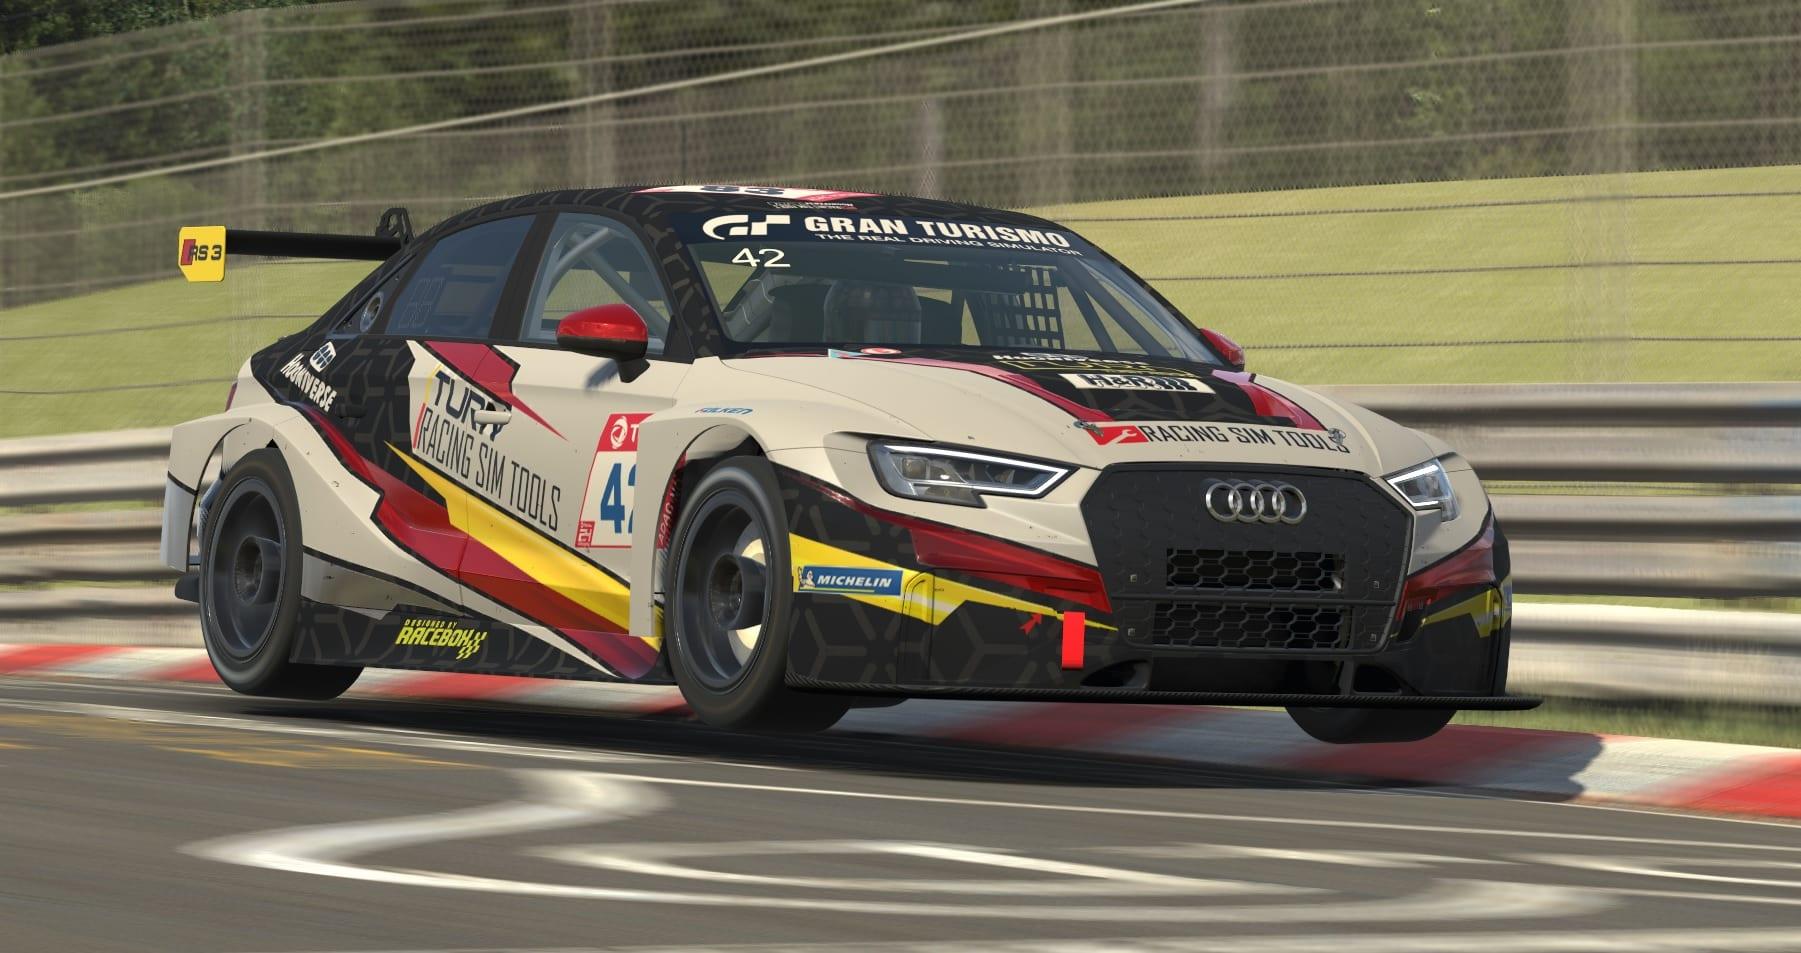 iRacing nurburgring TCR